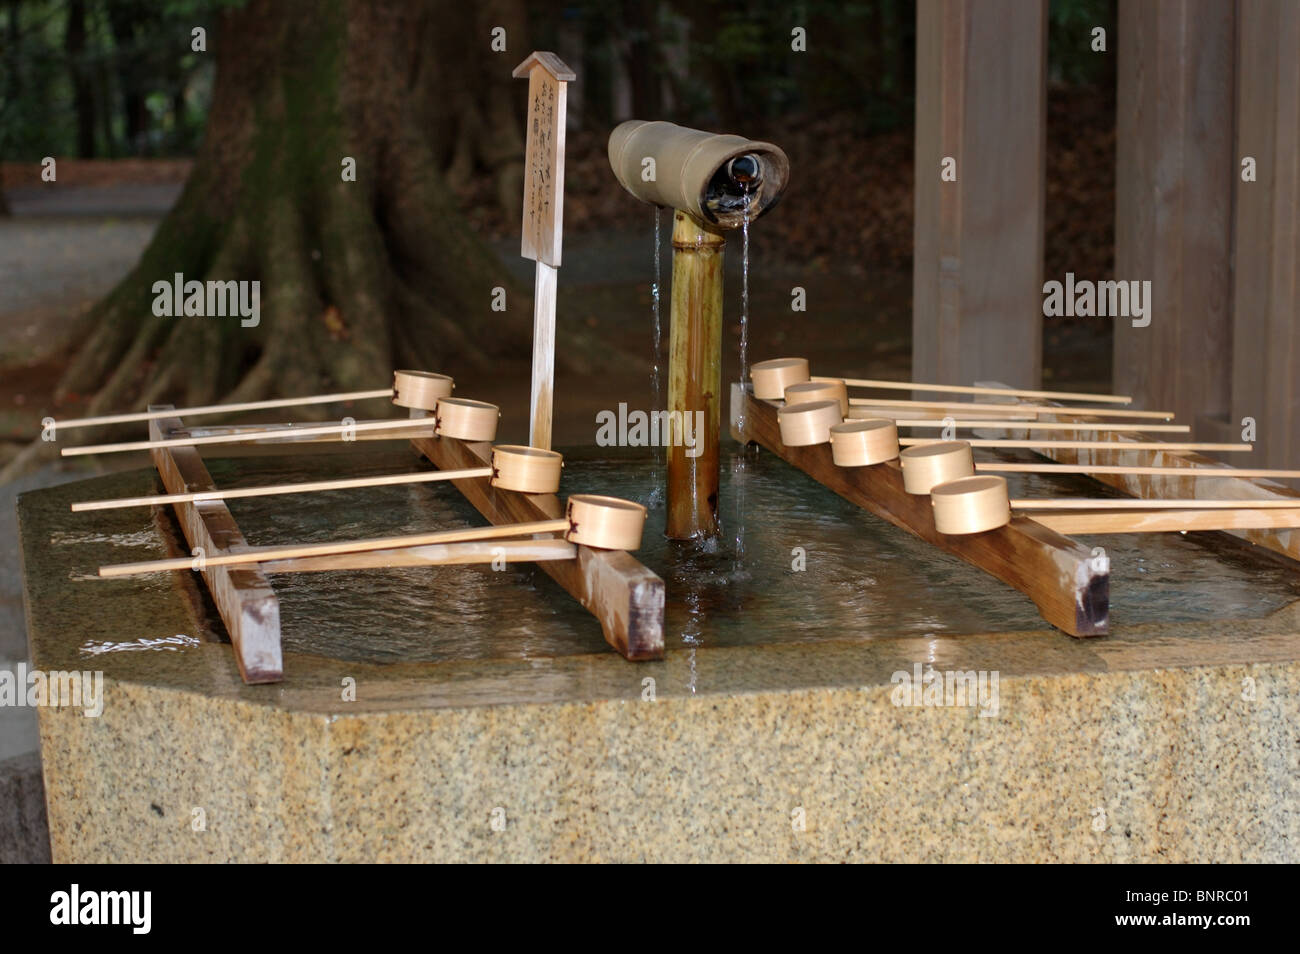 verwenden sie einen bambus kelle hishaku um ihren k rper und geist zu reinigen vor dem. Black Bedroom Furniture Sets. Home Design Ideas